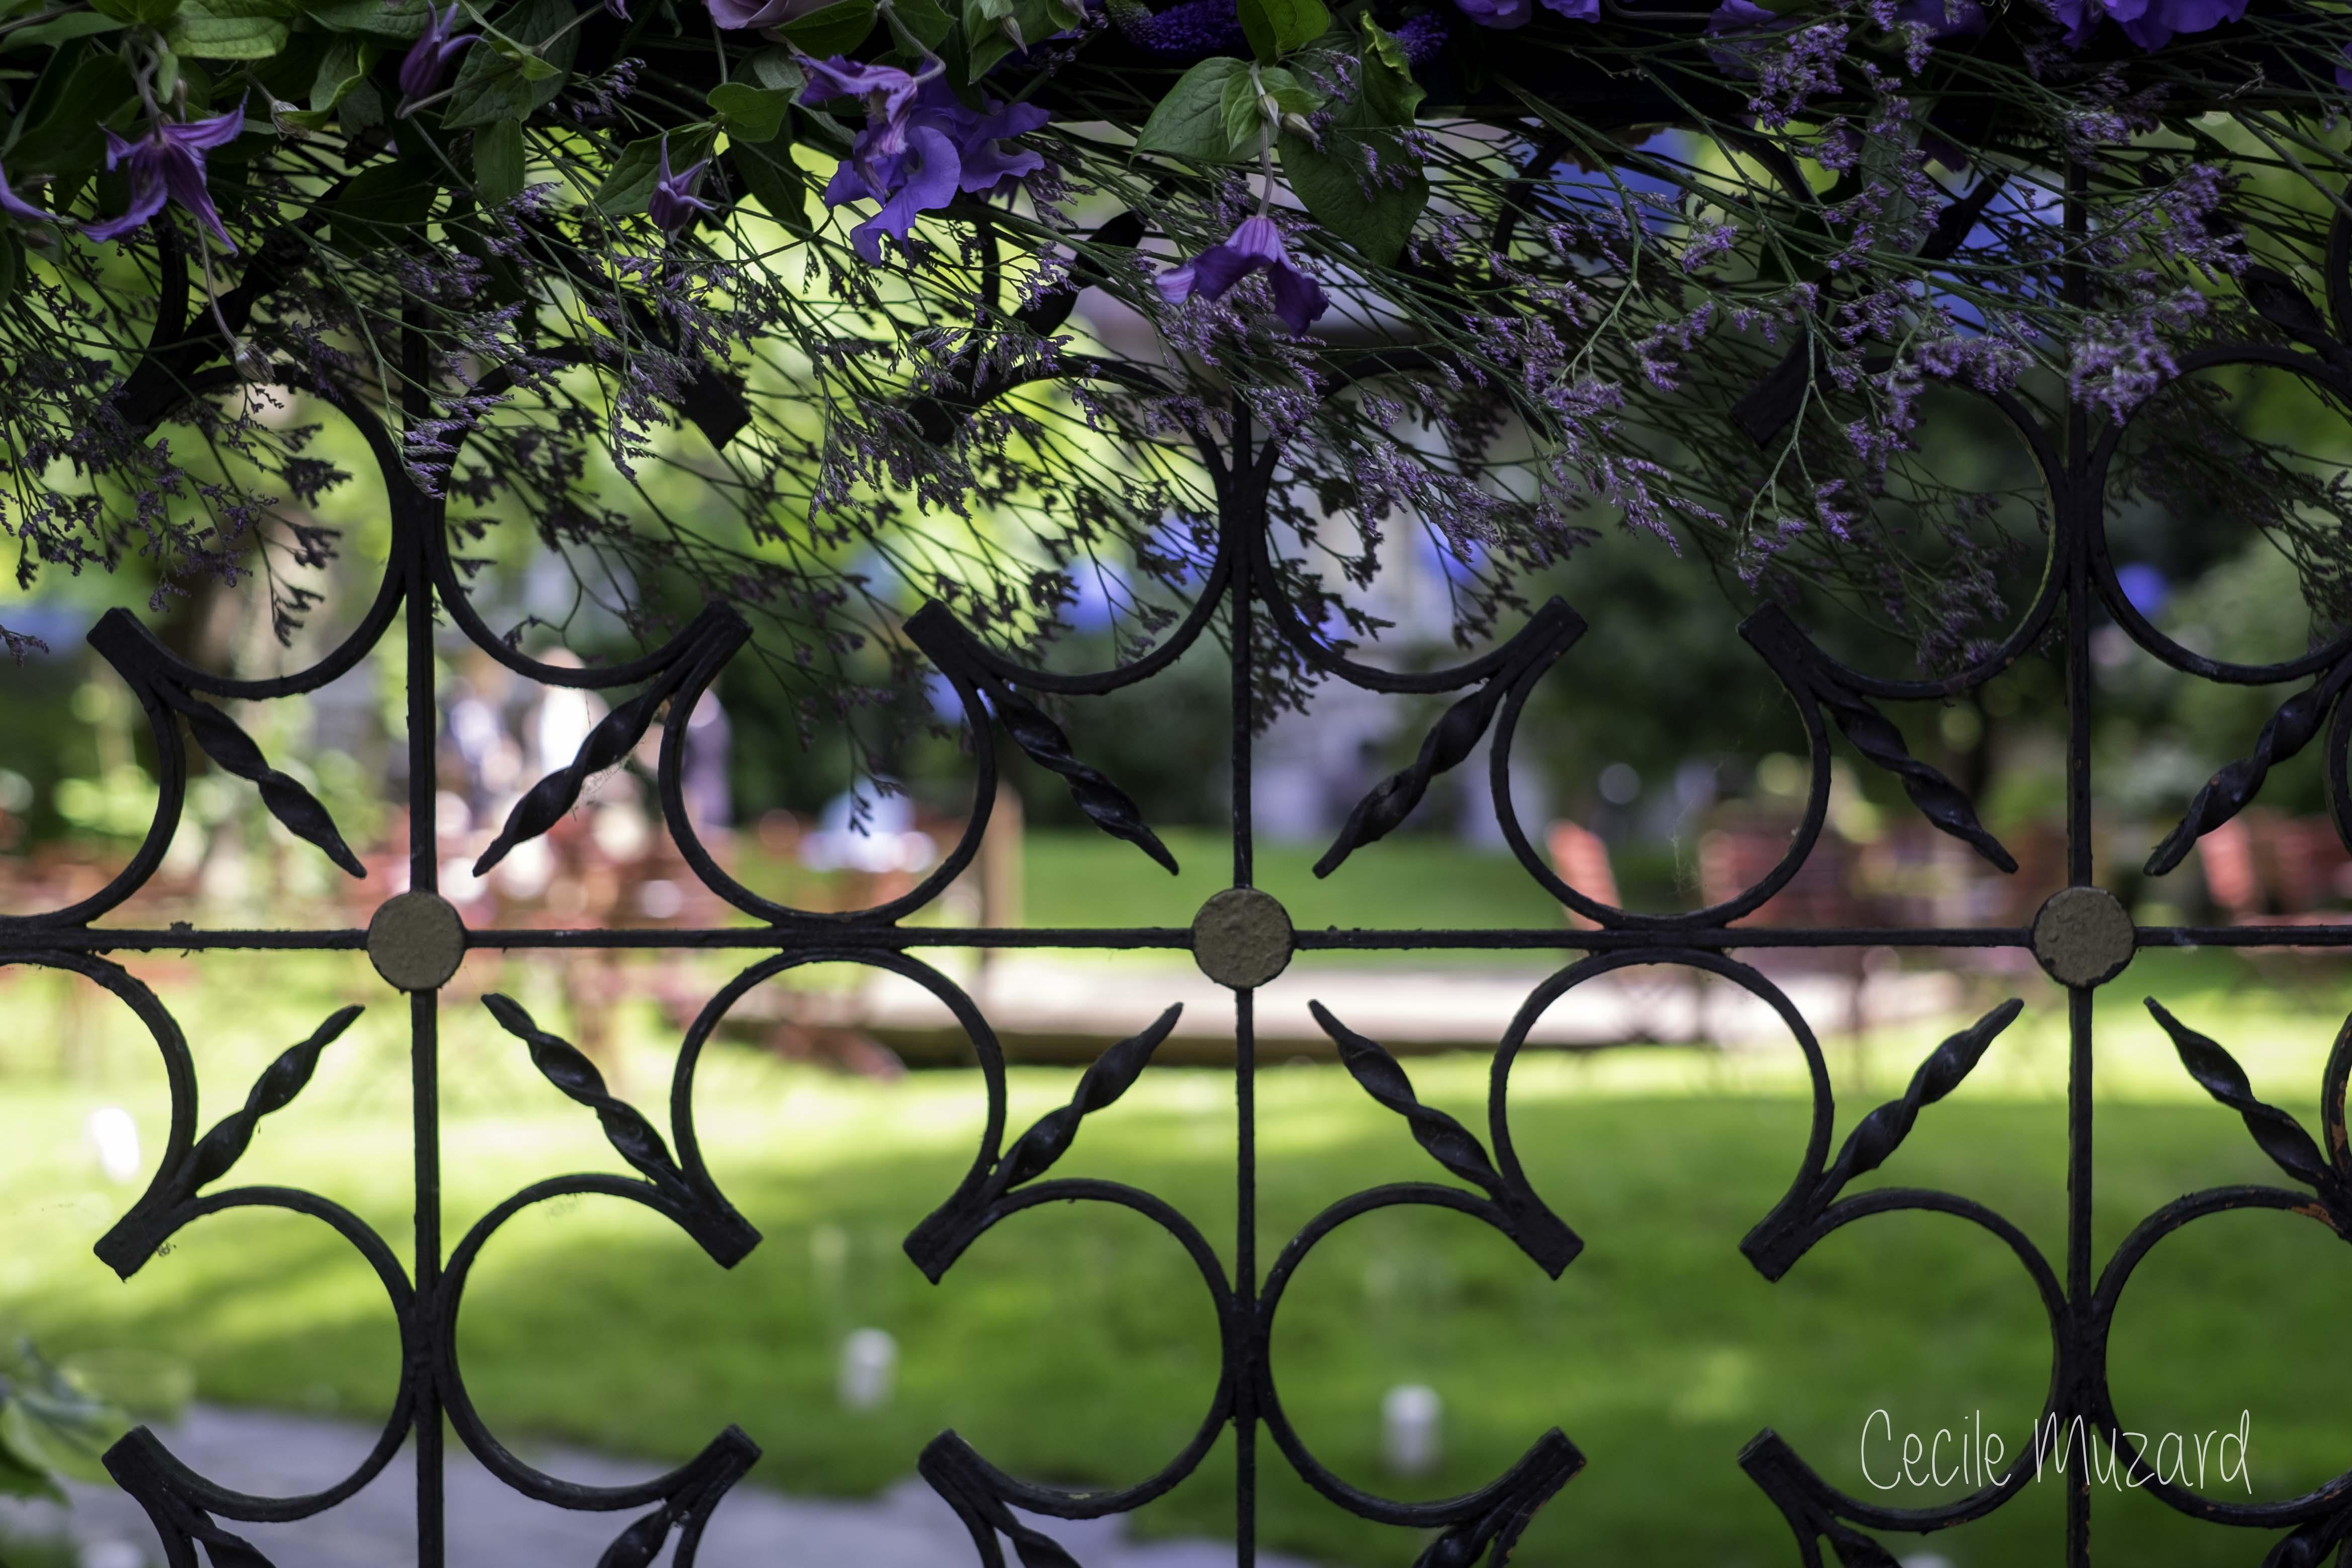 portail-fleurs-mauve-rose-hortensia-manoir-de-l-ile-aux-loups-mariage-reflets-fleurs-paris-france-cecile-muzard-1